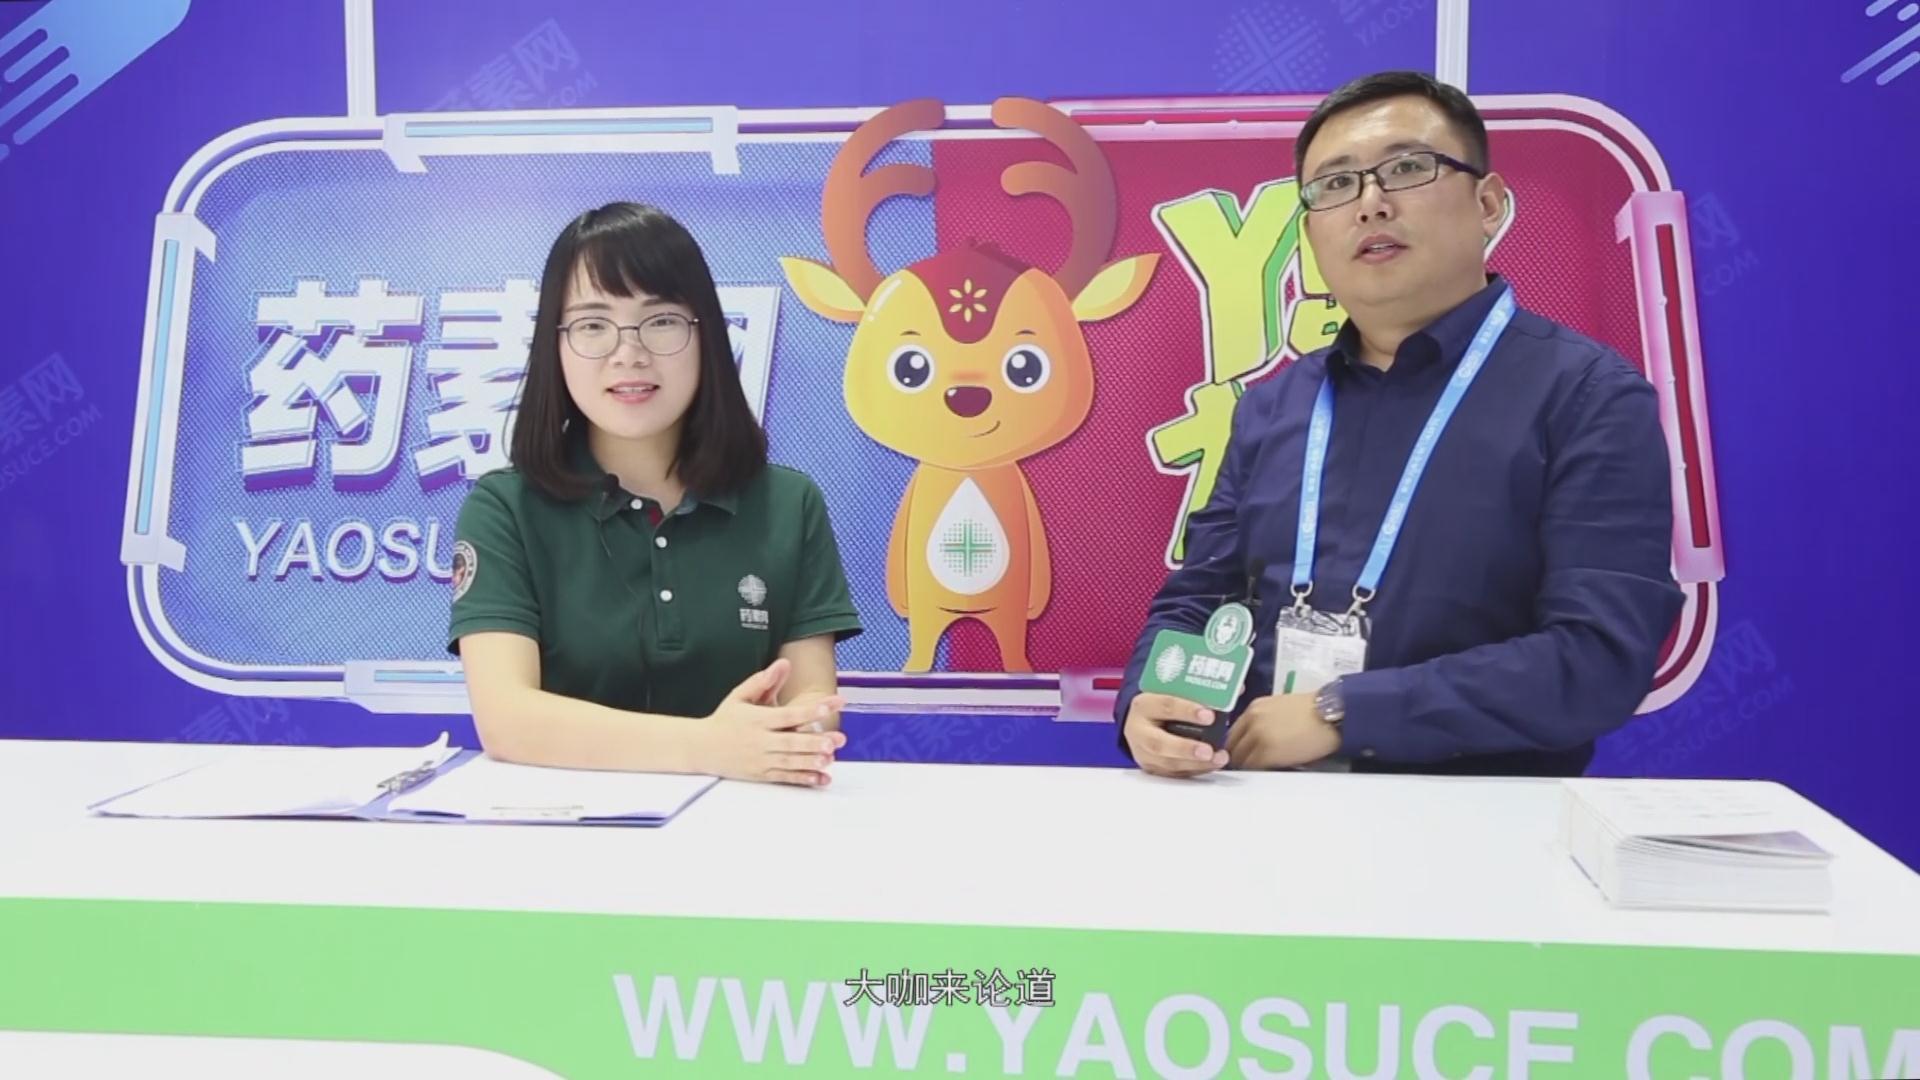 药素网:《Y星人大咖秀》之山东泓瑞医药科技营销总监 卜林林